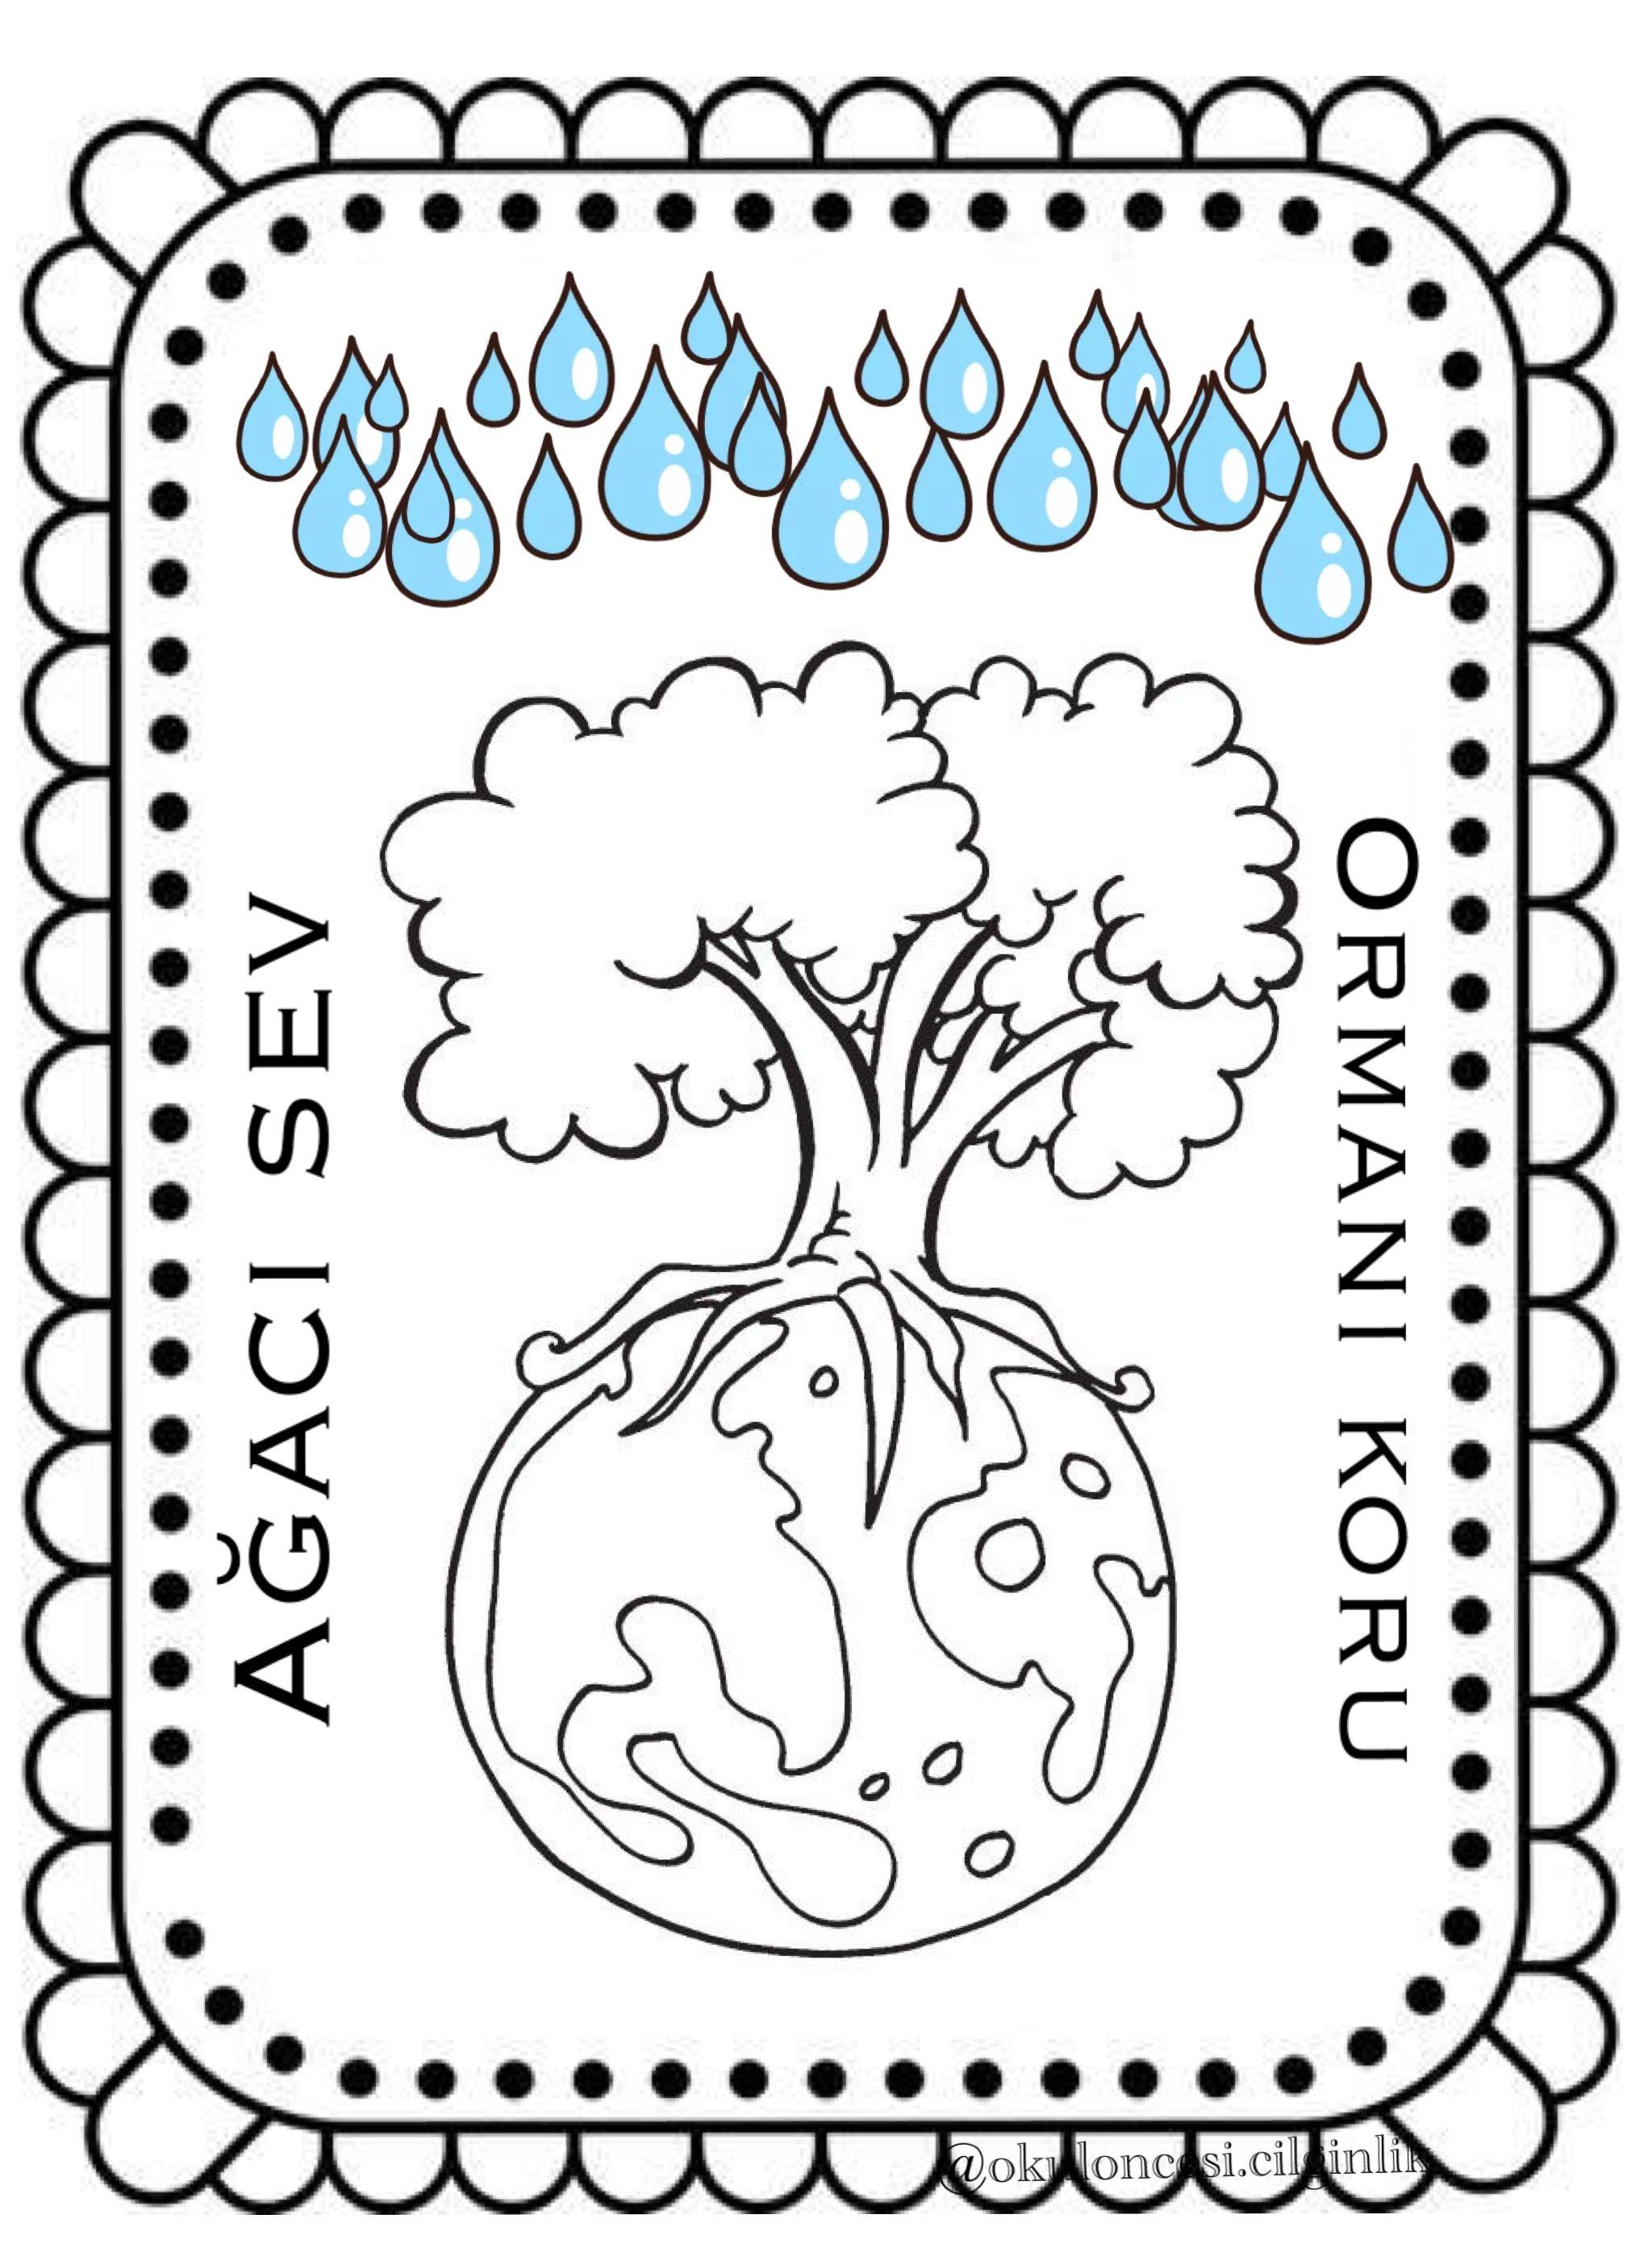 Caliskan Bir Basak Ogretmen Bunlar Da Orman Haftasina Ozel Hazirladigim Sayfalar Gule Gule Kullanin Bolca Begenmeyi Y Boyama Sayfalari Ormanlar Sanat